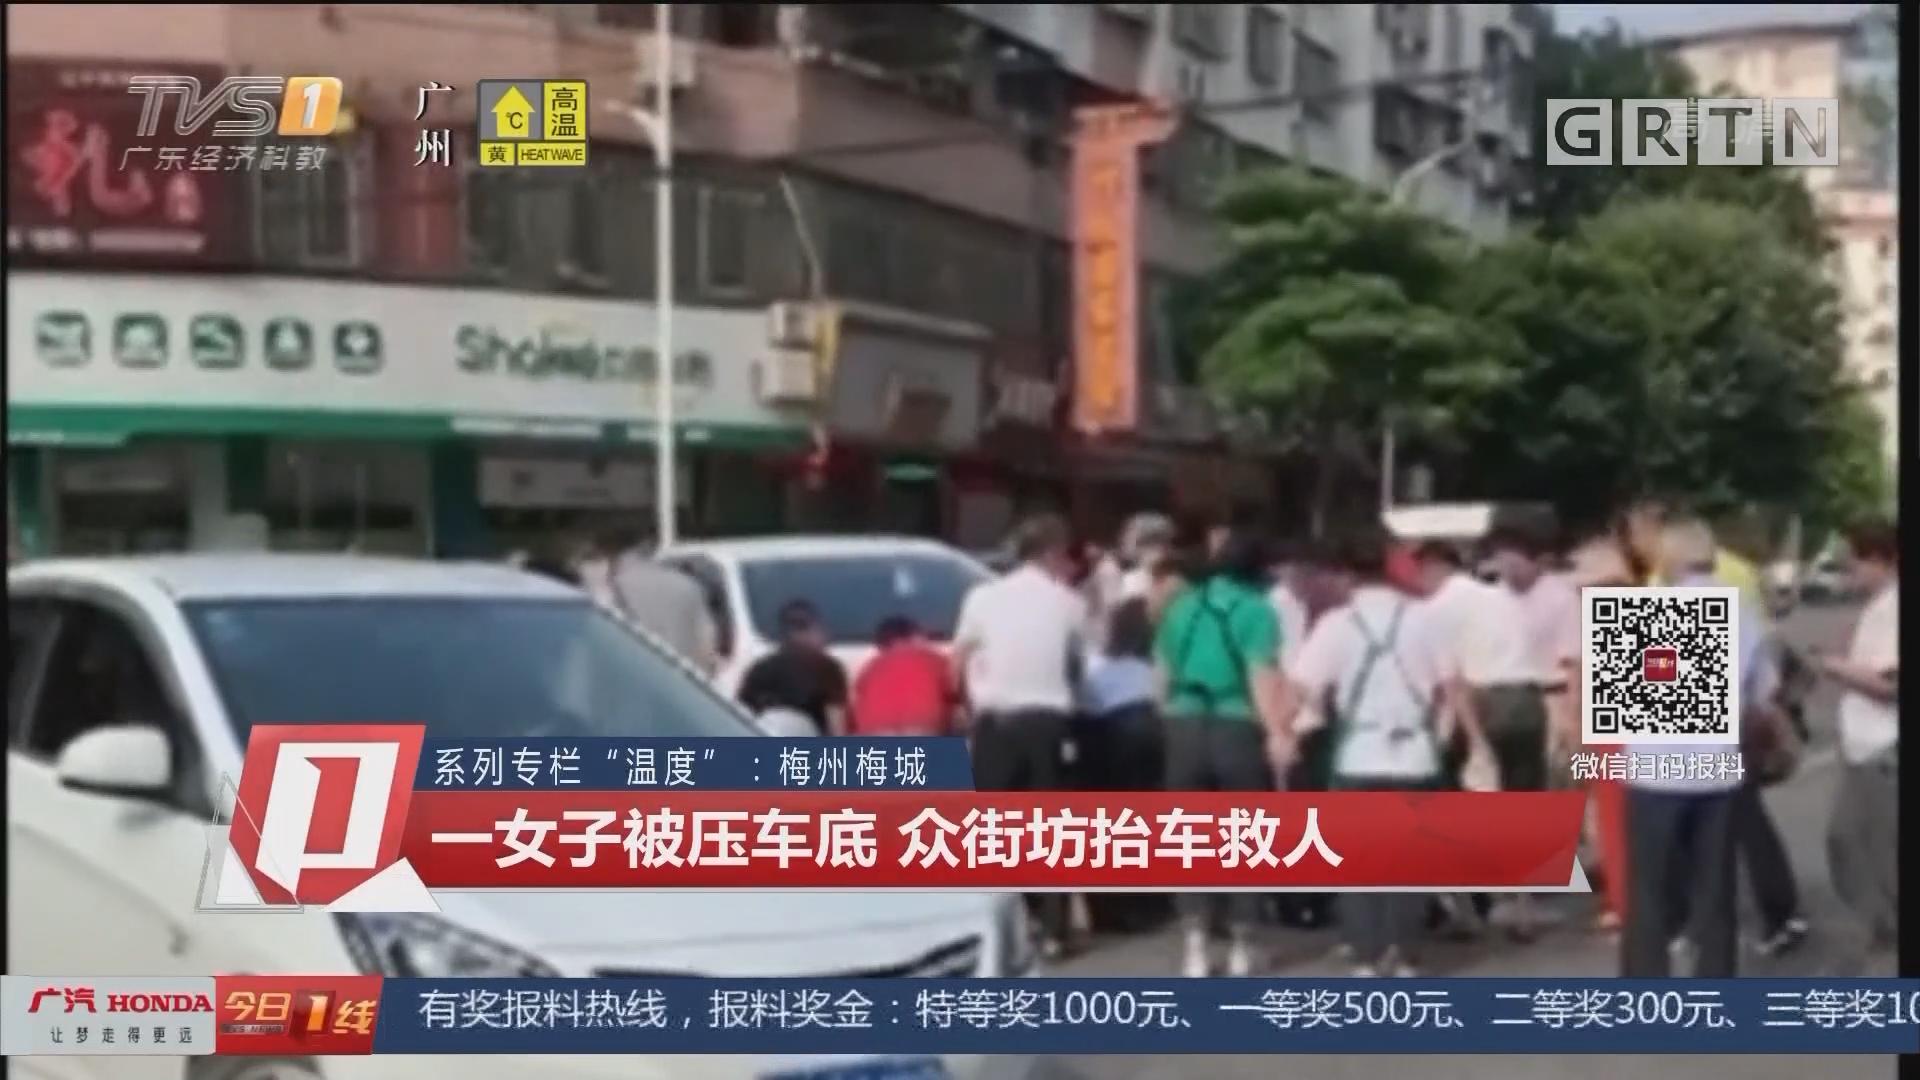 """系列专栏""""温度"""":梅州梅城 一女子被压车底 众街坊抬车救人"""